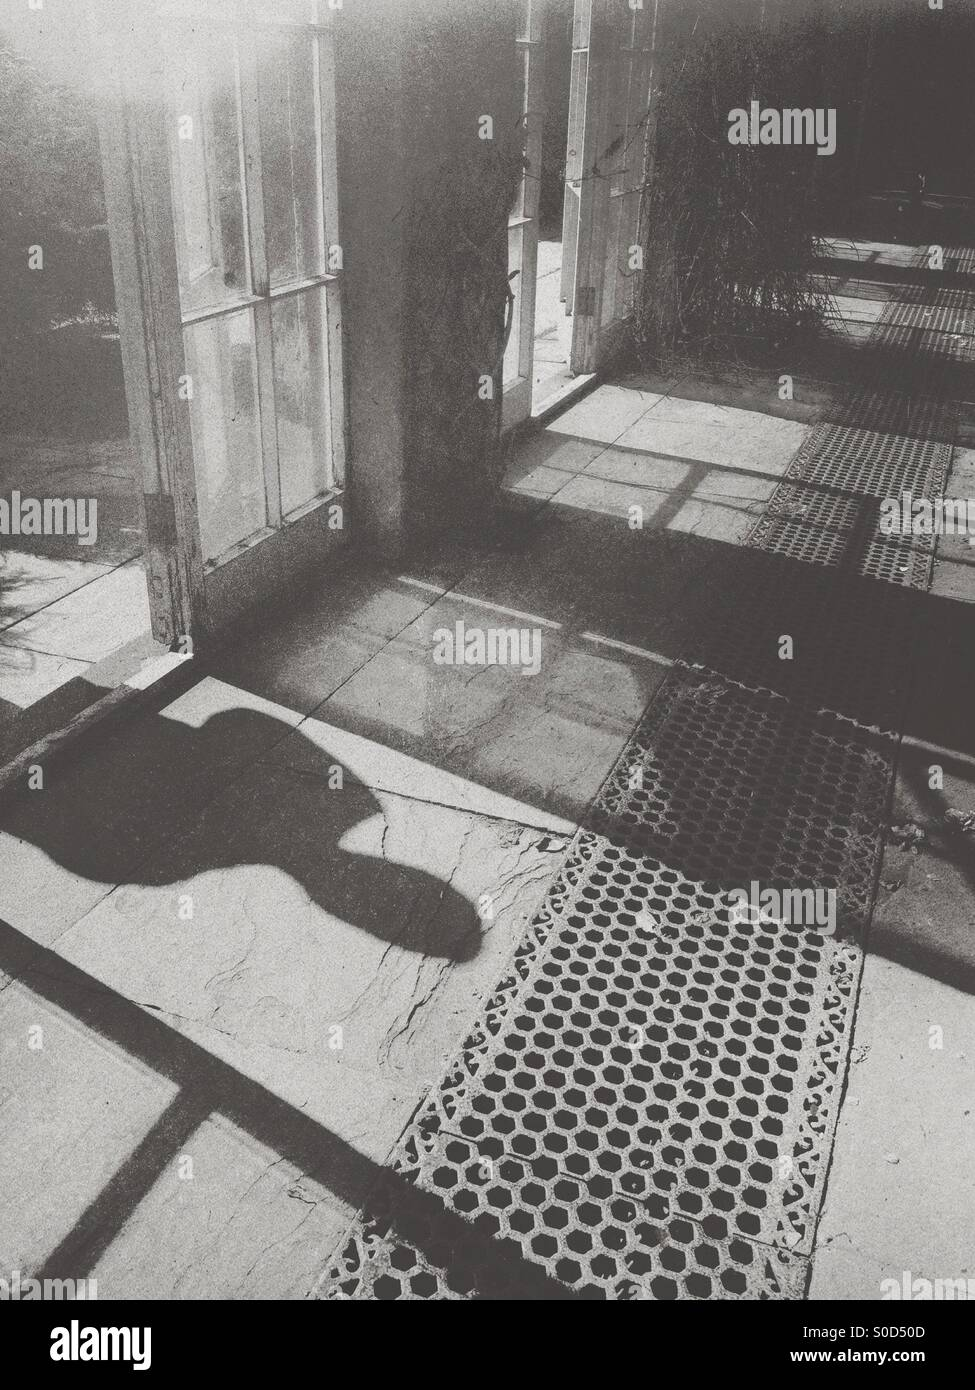 Ombre d'une personne à travers une vitre Photo Stock